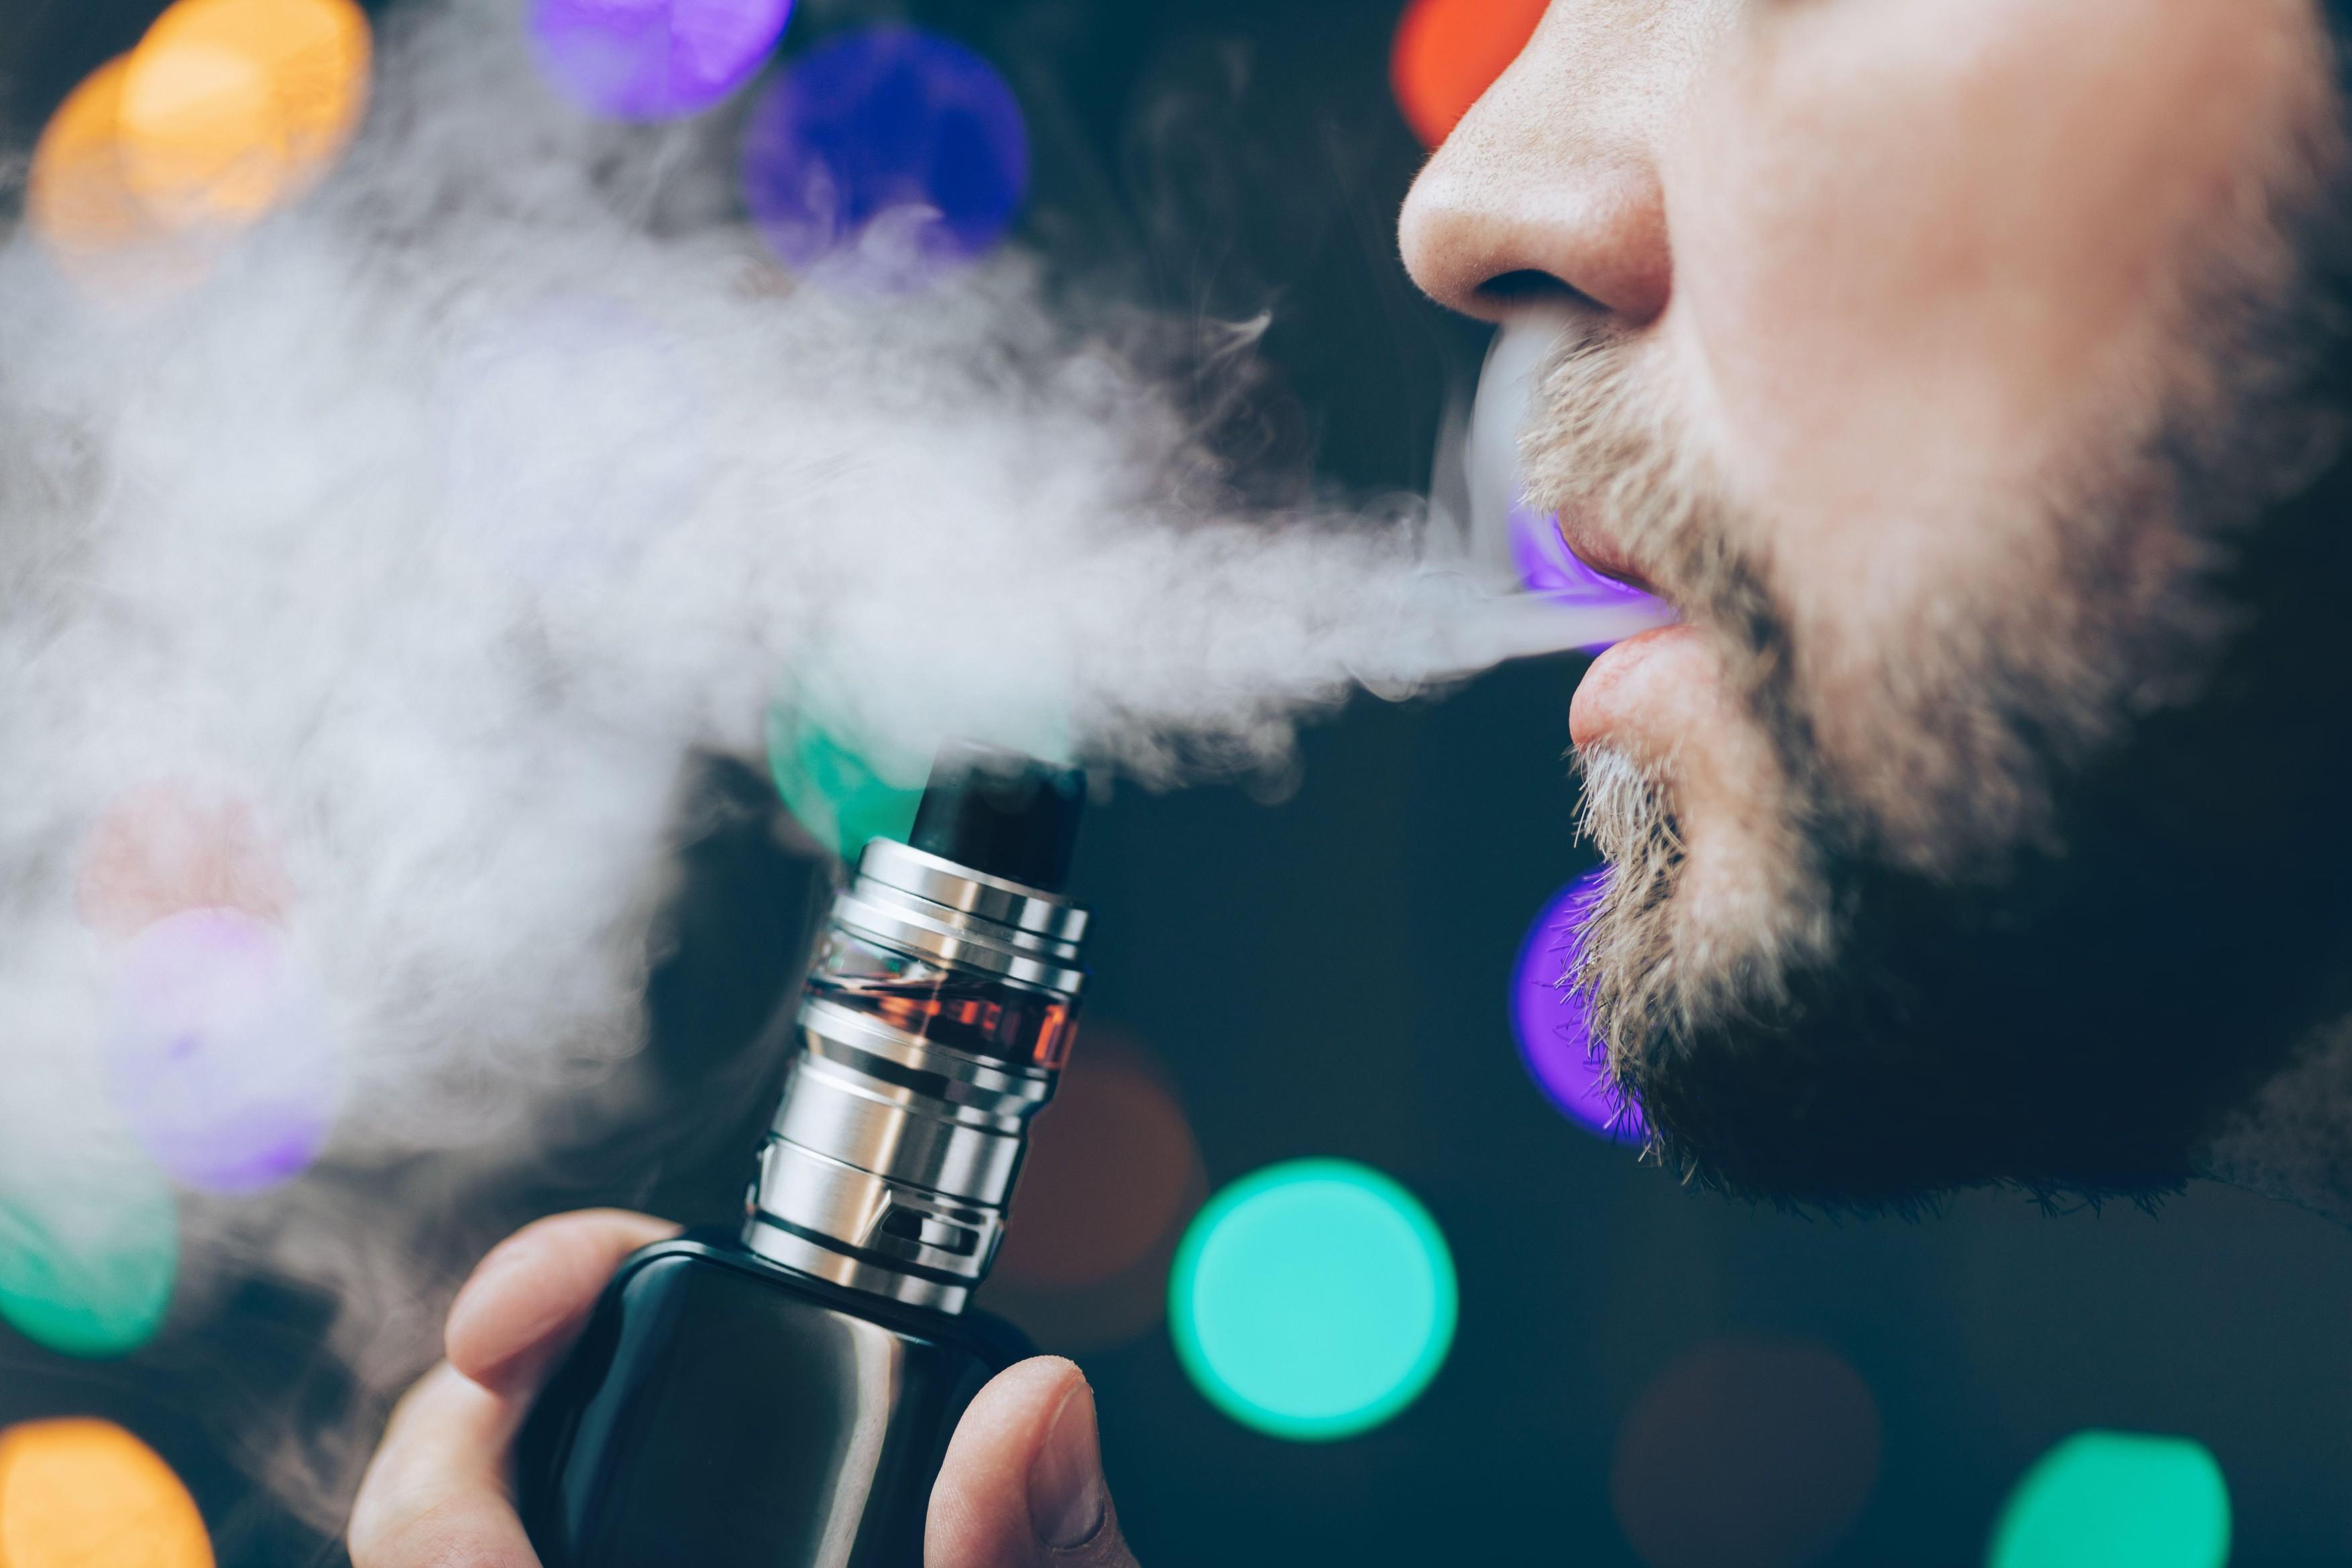 Românii aleg vapingul sau tutunul încălzit ca să se lase de fumat. Paradoxal, încrederea românilor în produsele de vapat a scăzut